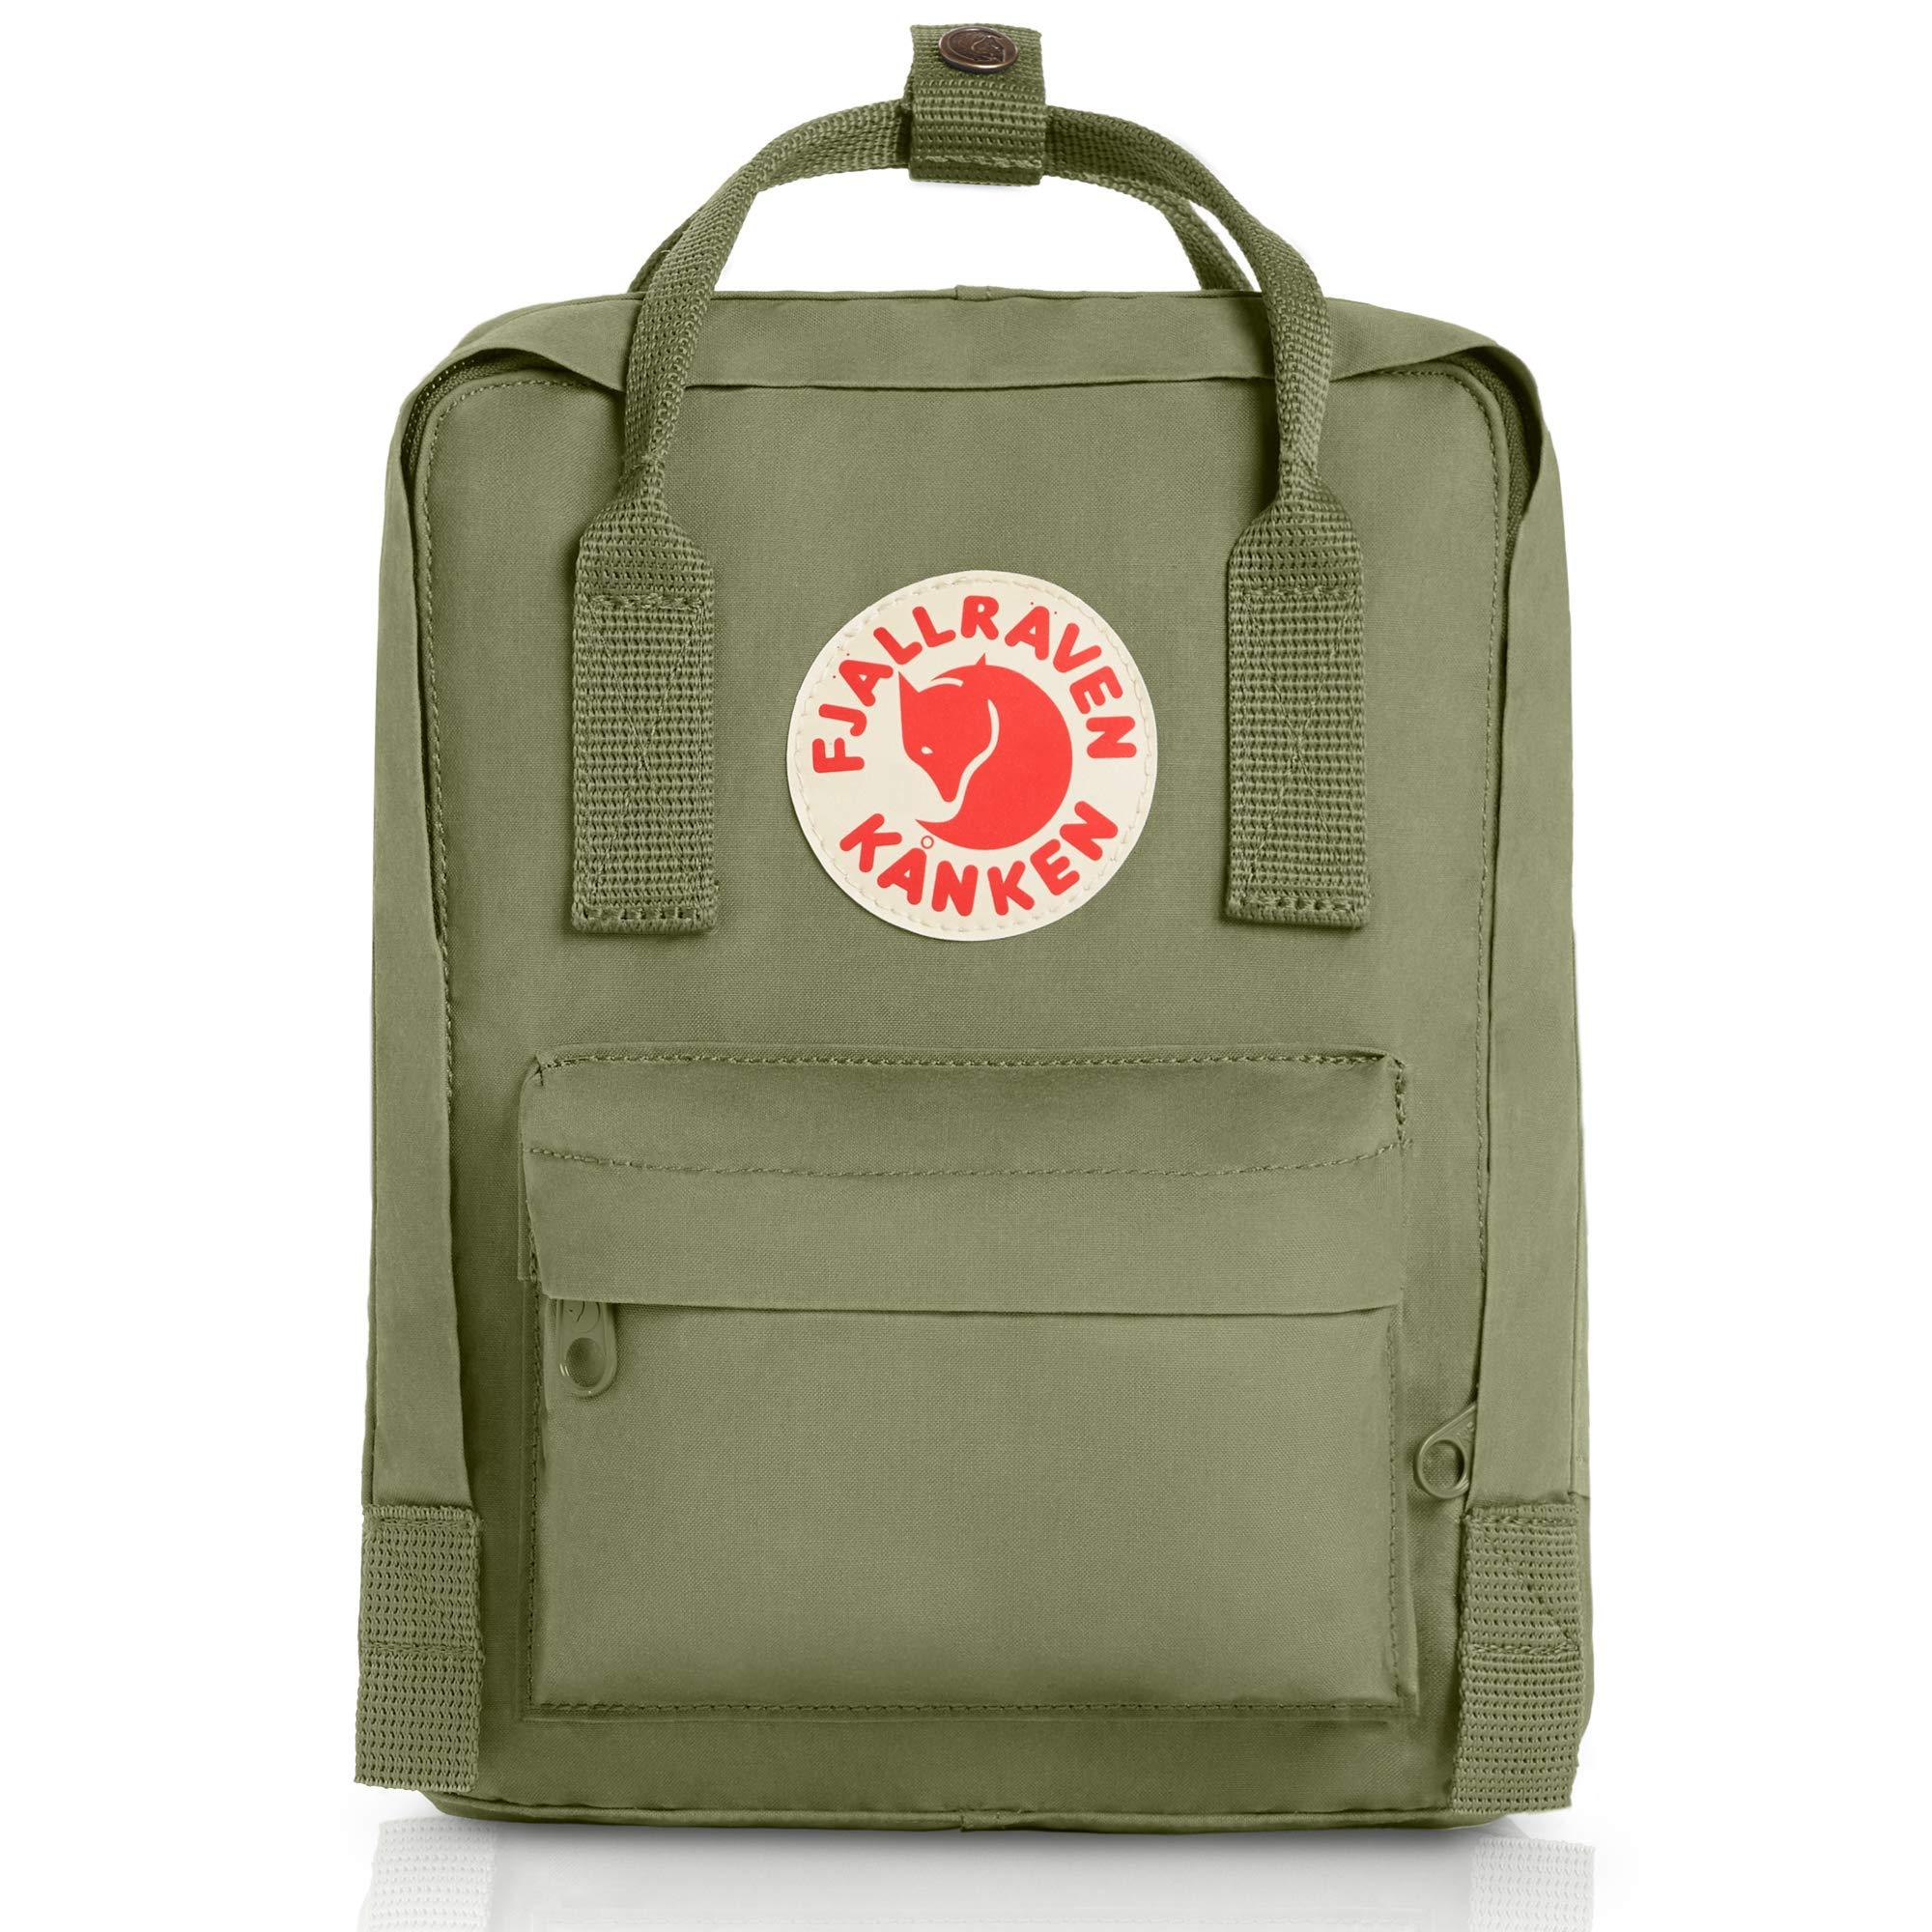 Fjallraven - Kanken Mini Classic Backpack for Everyday, Green by Fjallraven